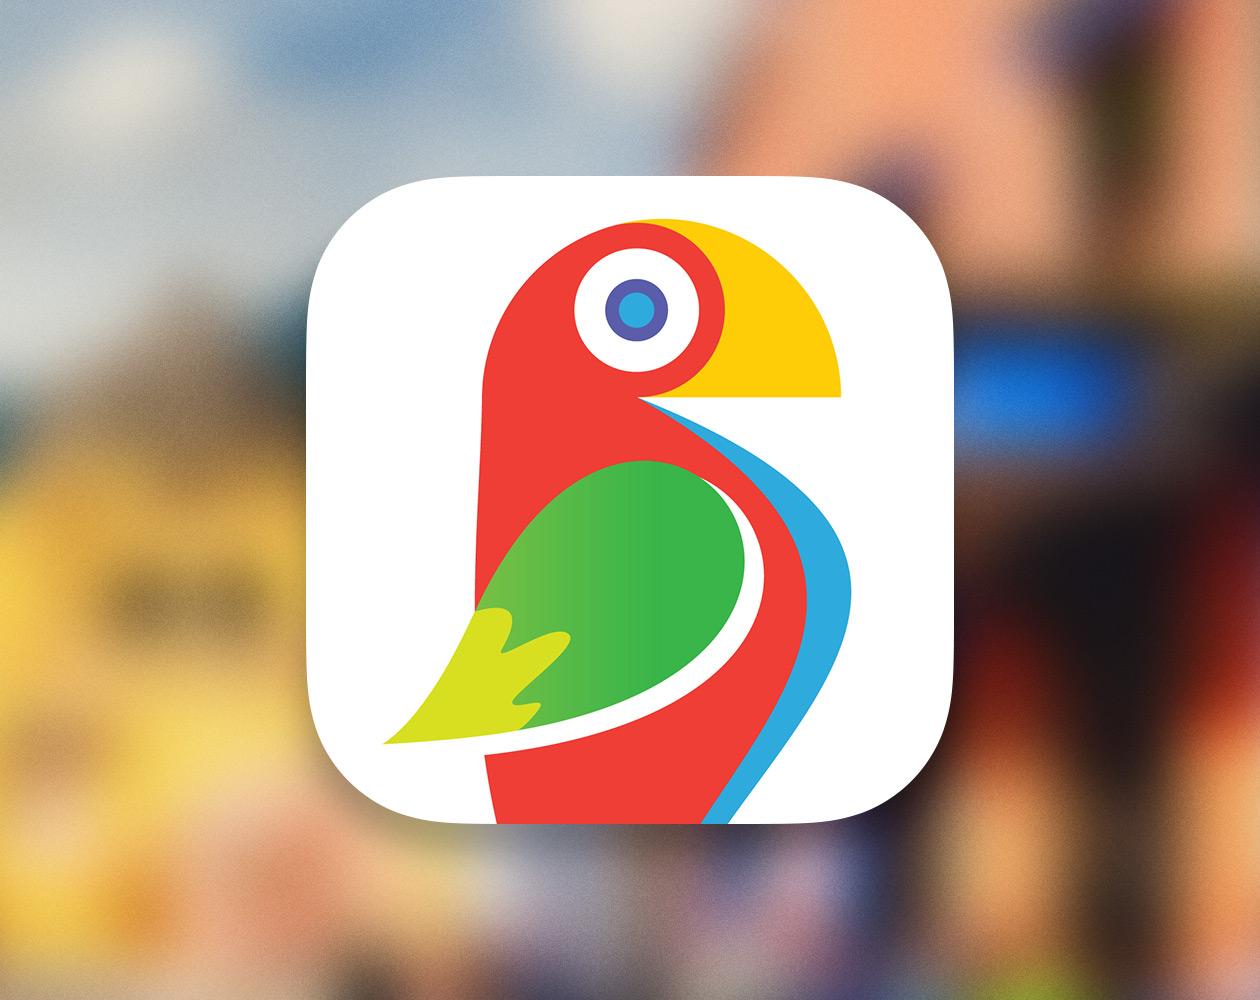 Brushstroke для iPhone превратит ваши фотографии в настоящие произведения искусства